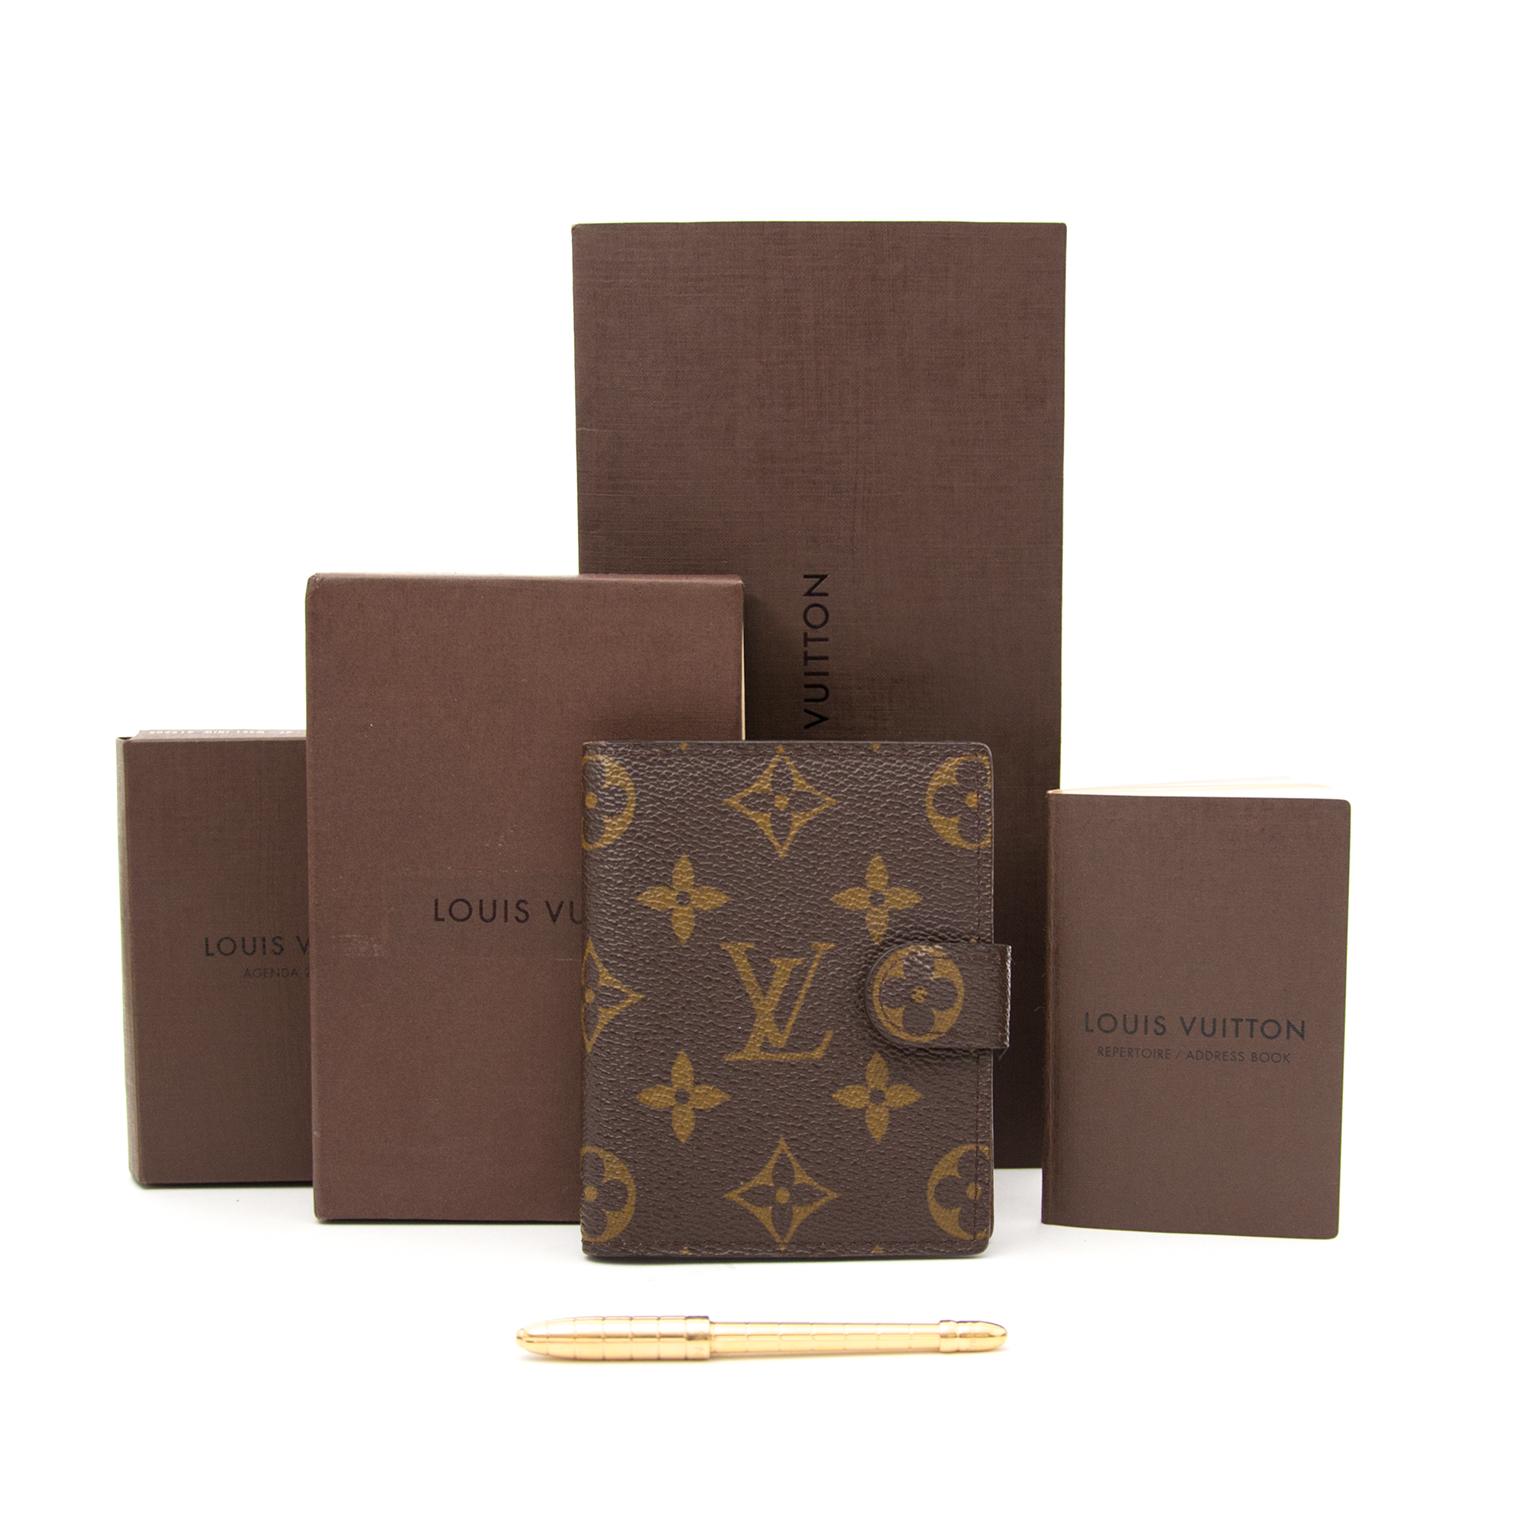 Louis Vuitton Agenda+ adres boek + pen nu online bij labellov.com voor de beste prijs